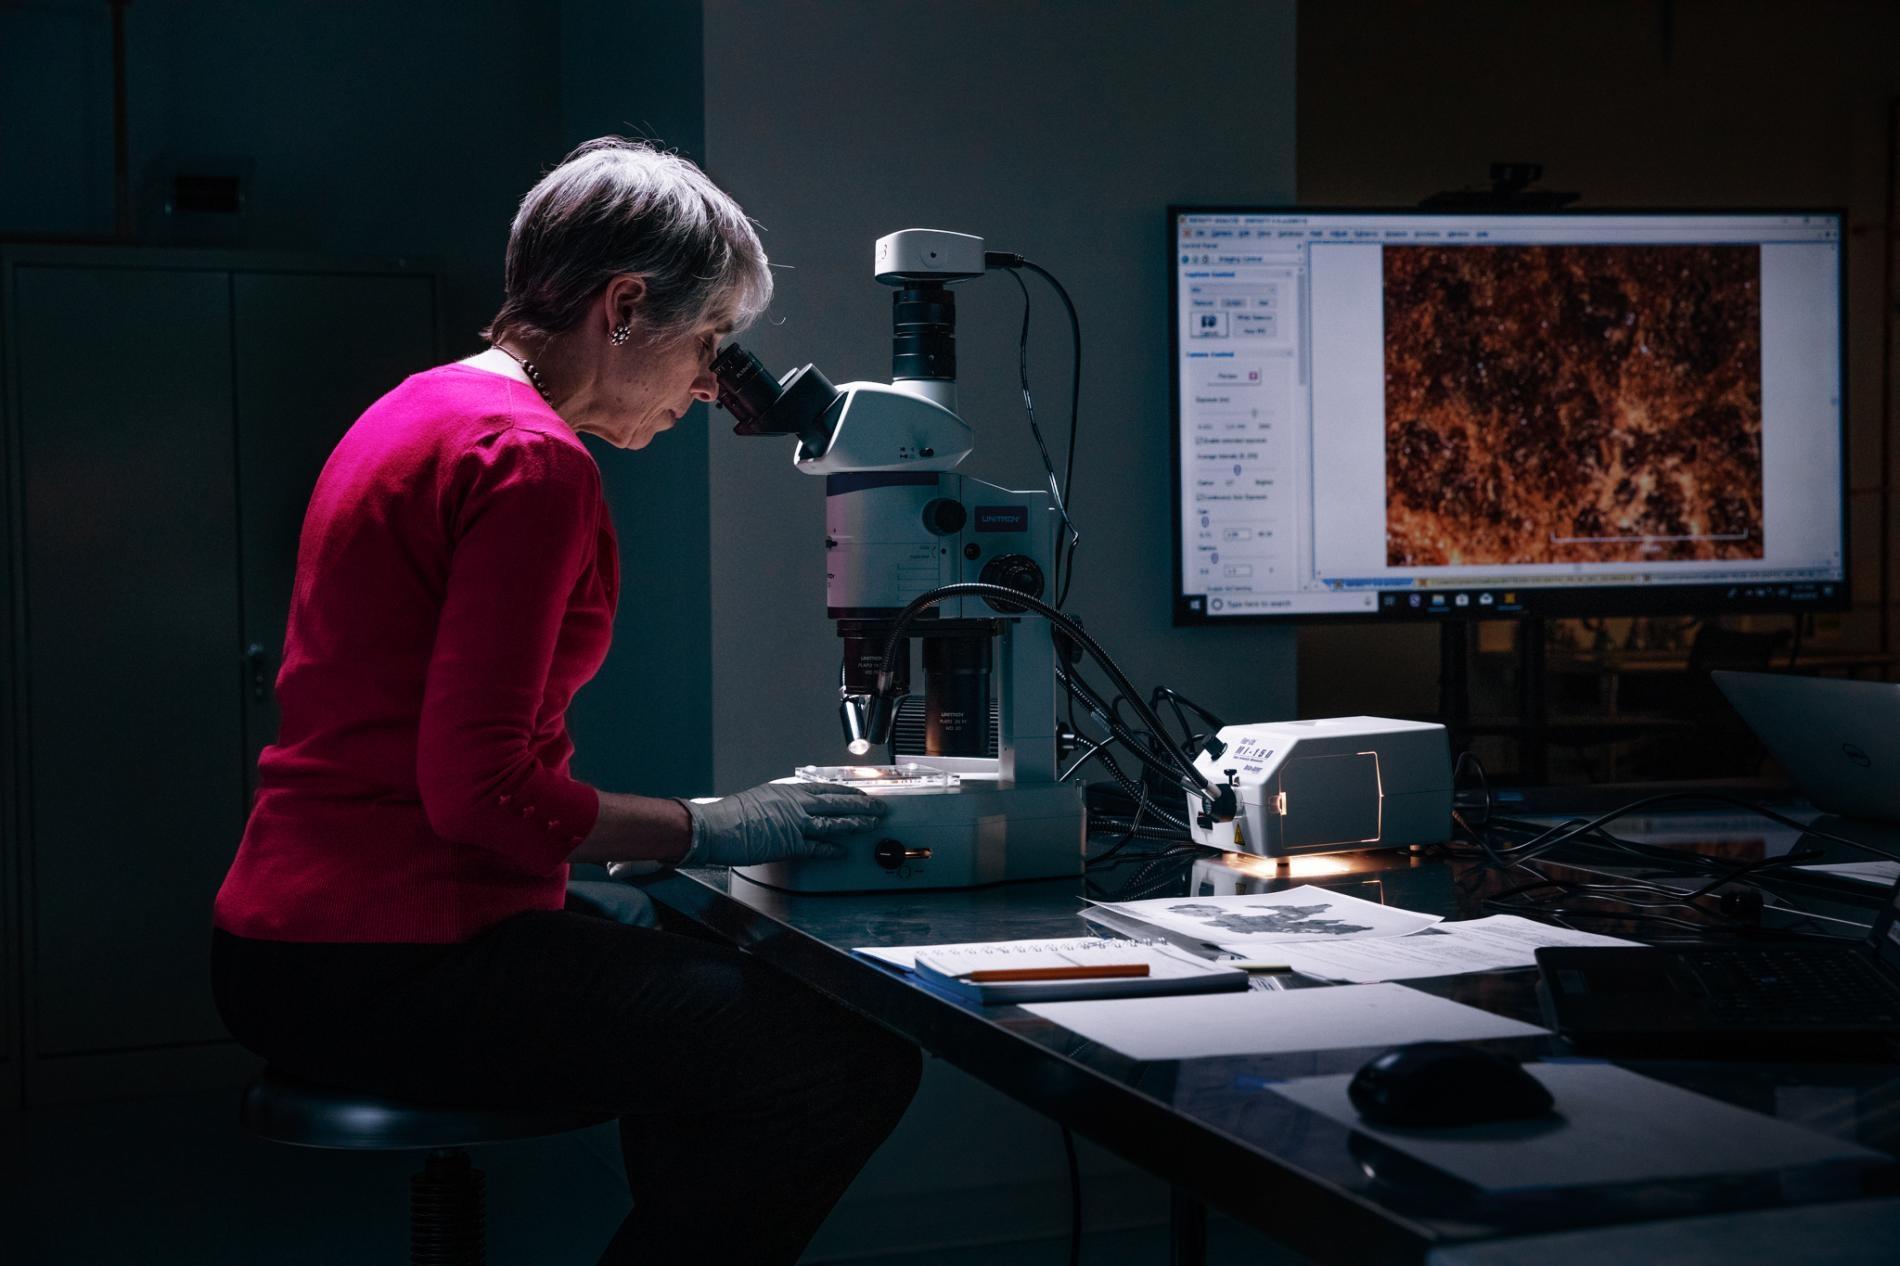 調查員阿比蓋爾.匡特(Abigail Quandt)是巴爾迪摩華特斯美術館的書籍與紙張保存主任,她正在檢視一片《創世紀》碎片,以尋找特殊的表面特徵。「我們的共同目標就是要對研究死海古卷的學者有幫助。」她說。 PHOTOGRAPH BY REBECCA HALE, NGM STAFF